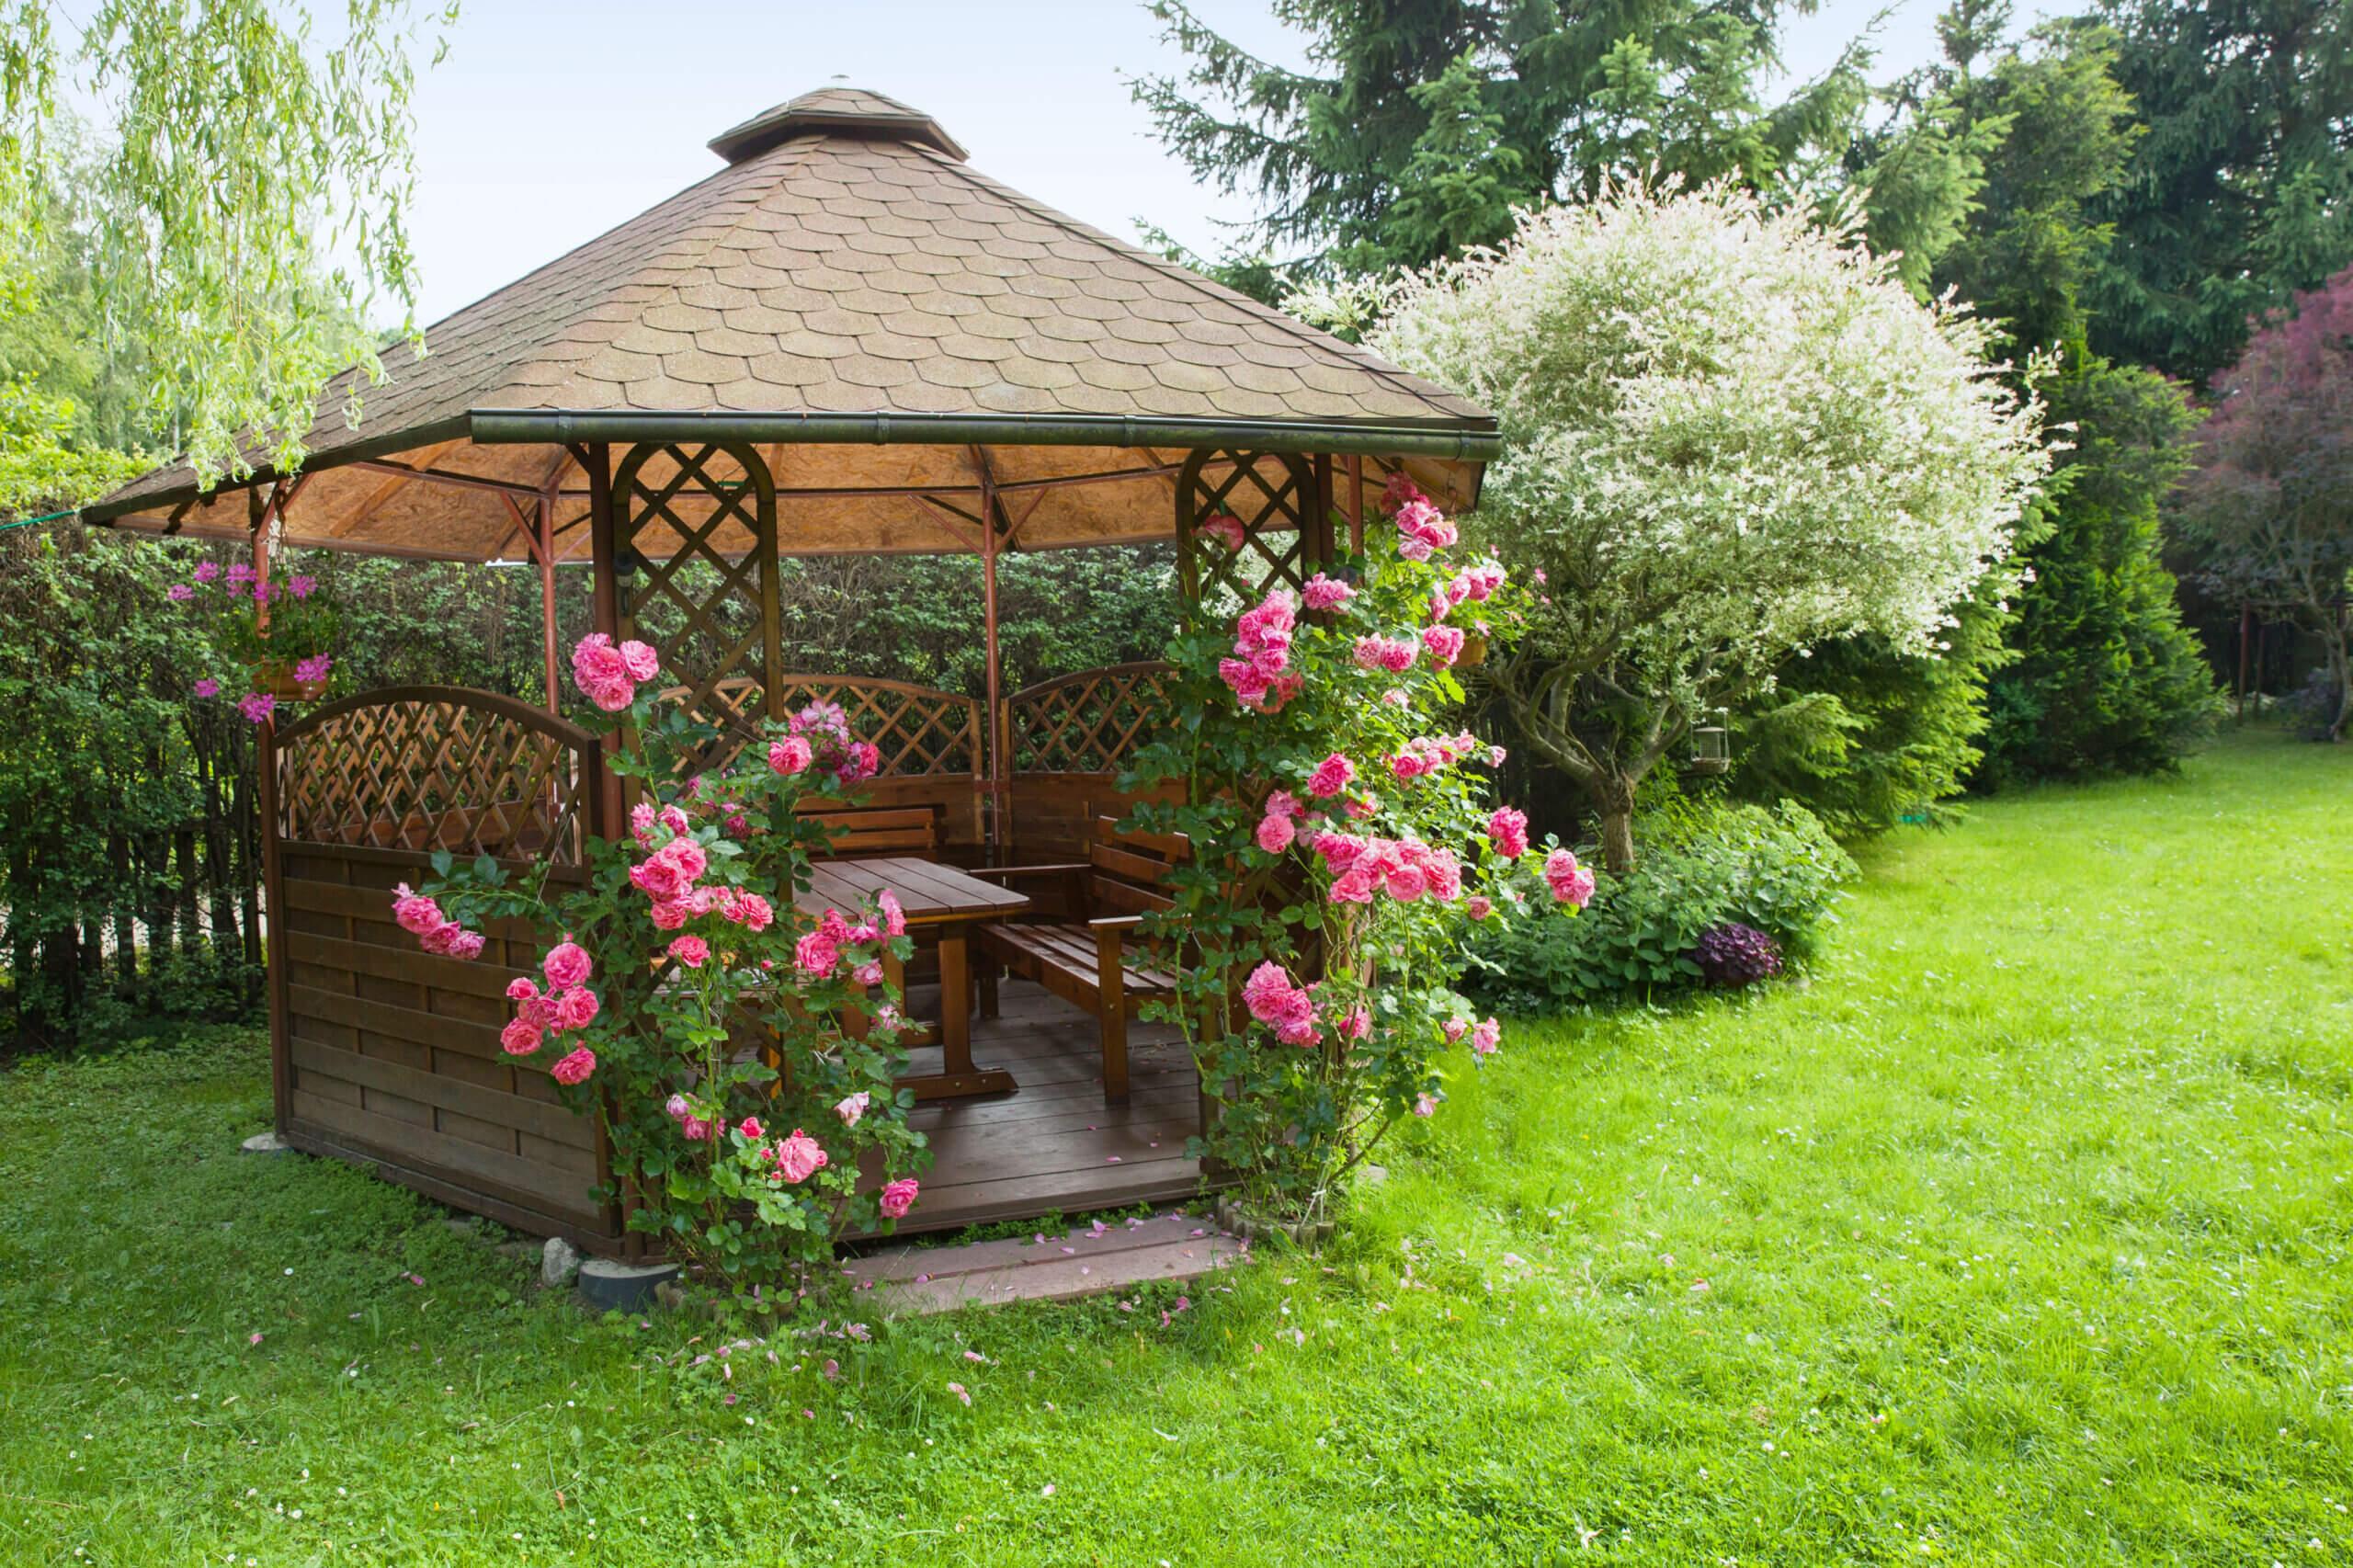 ©Alina G / AdobeStock: Gemütlich und rustikal wirkt diese Pavillon Einrichtung. An den drei Holzbänken finden Freunde und Familie genügend Platz.